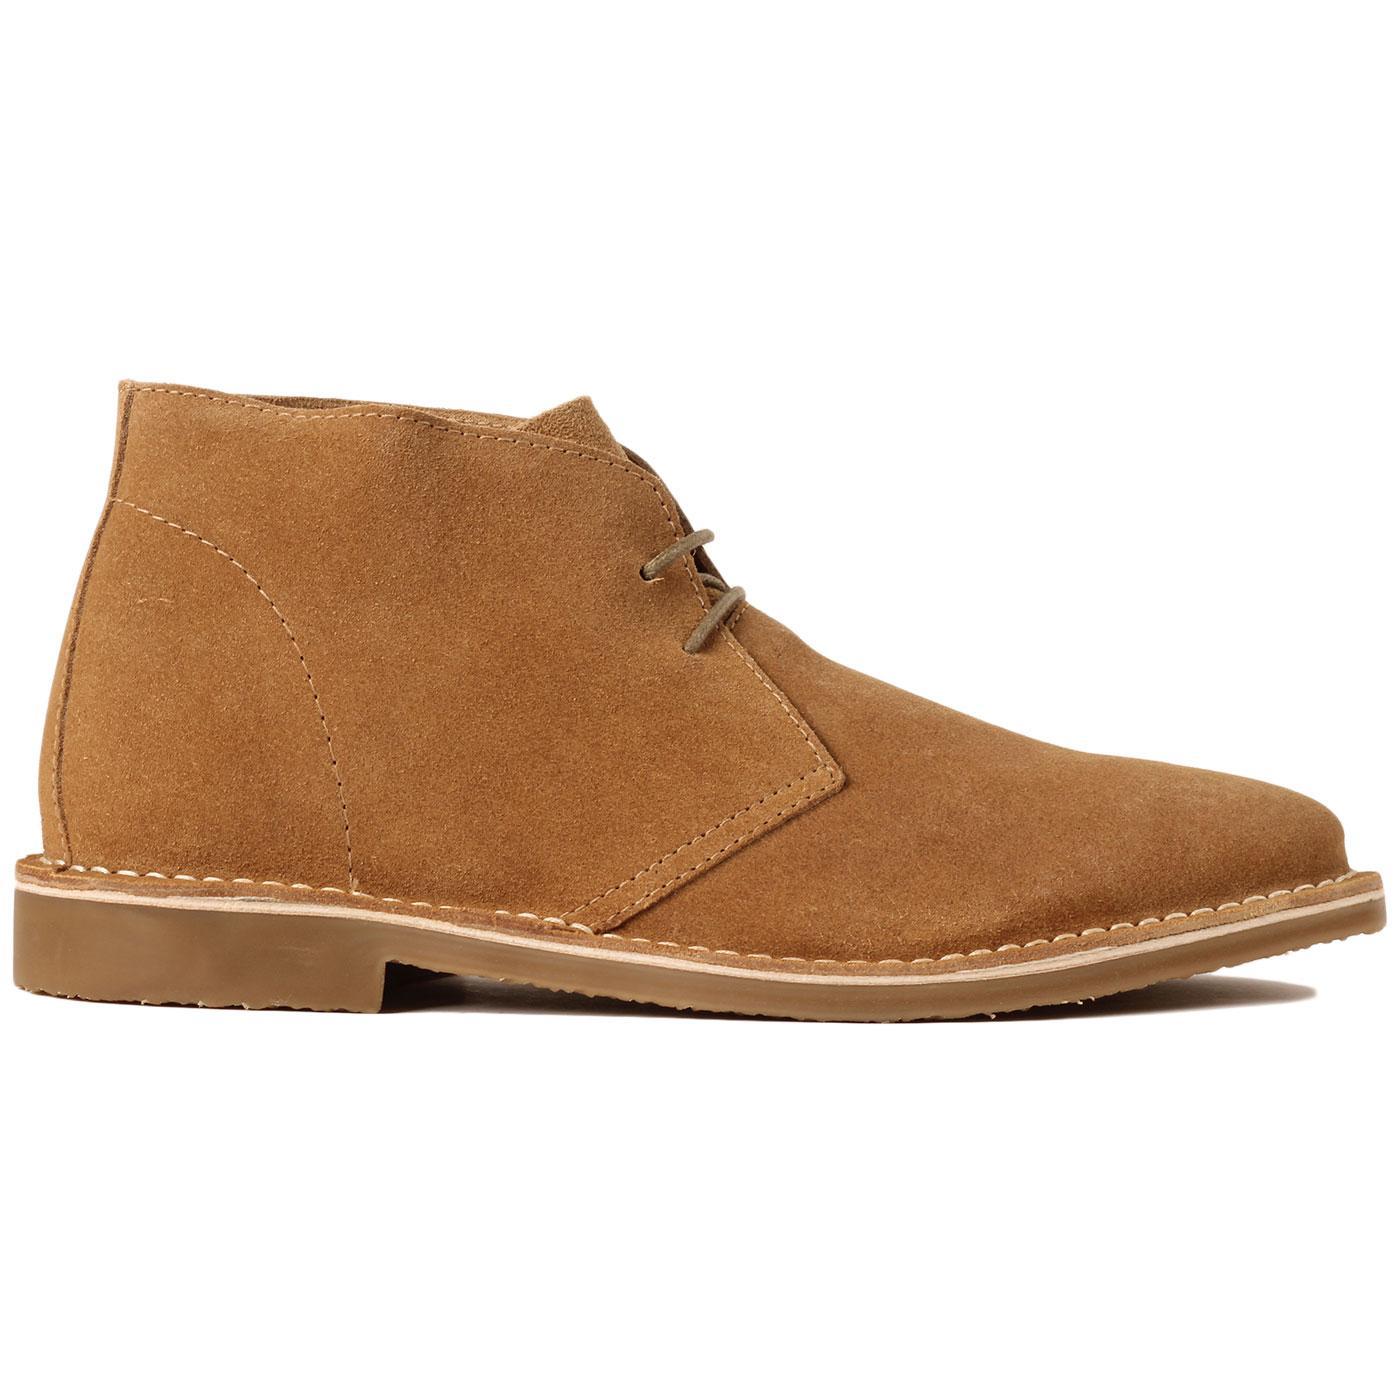 Madcap England Meaden Men's 1960s Mod Desert Boots in Golden Suede